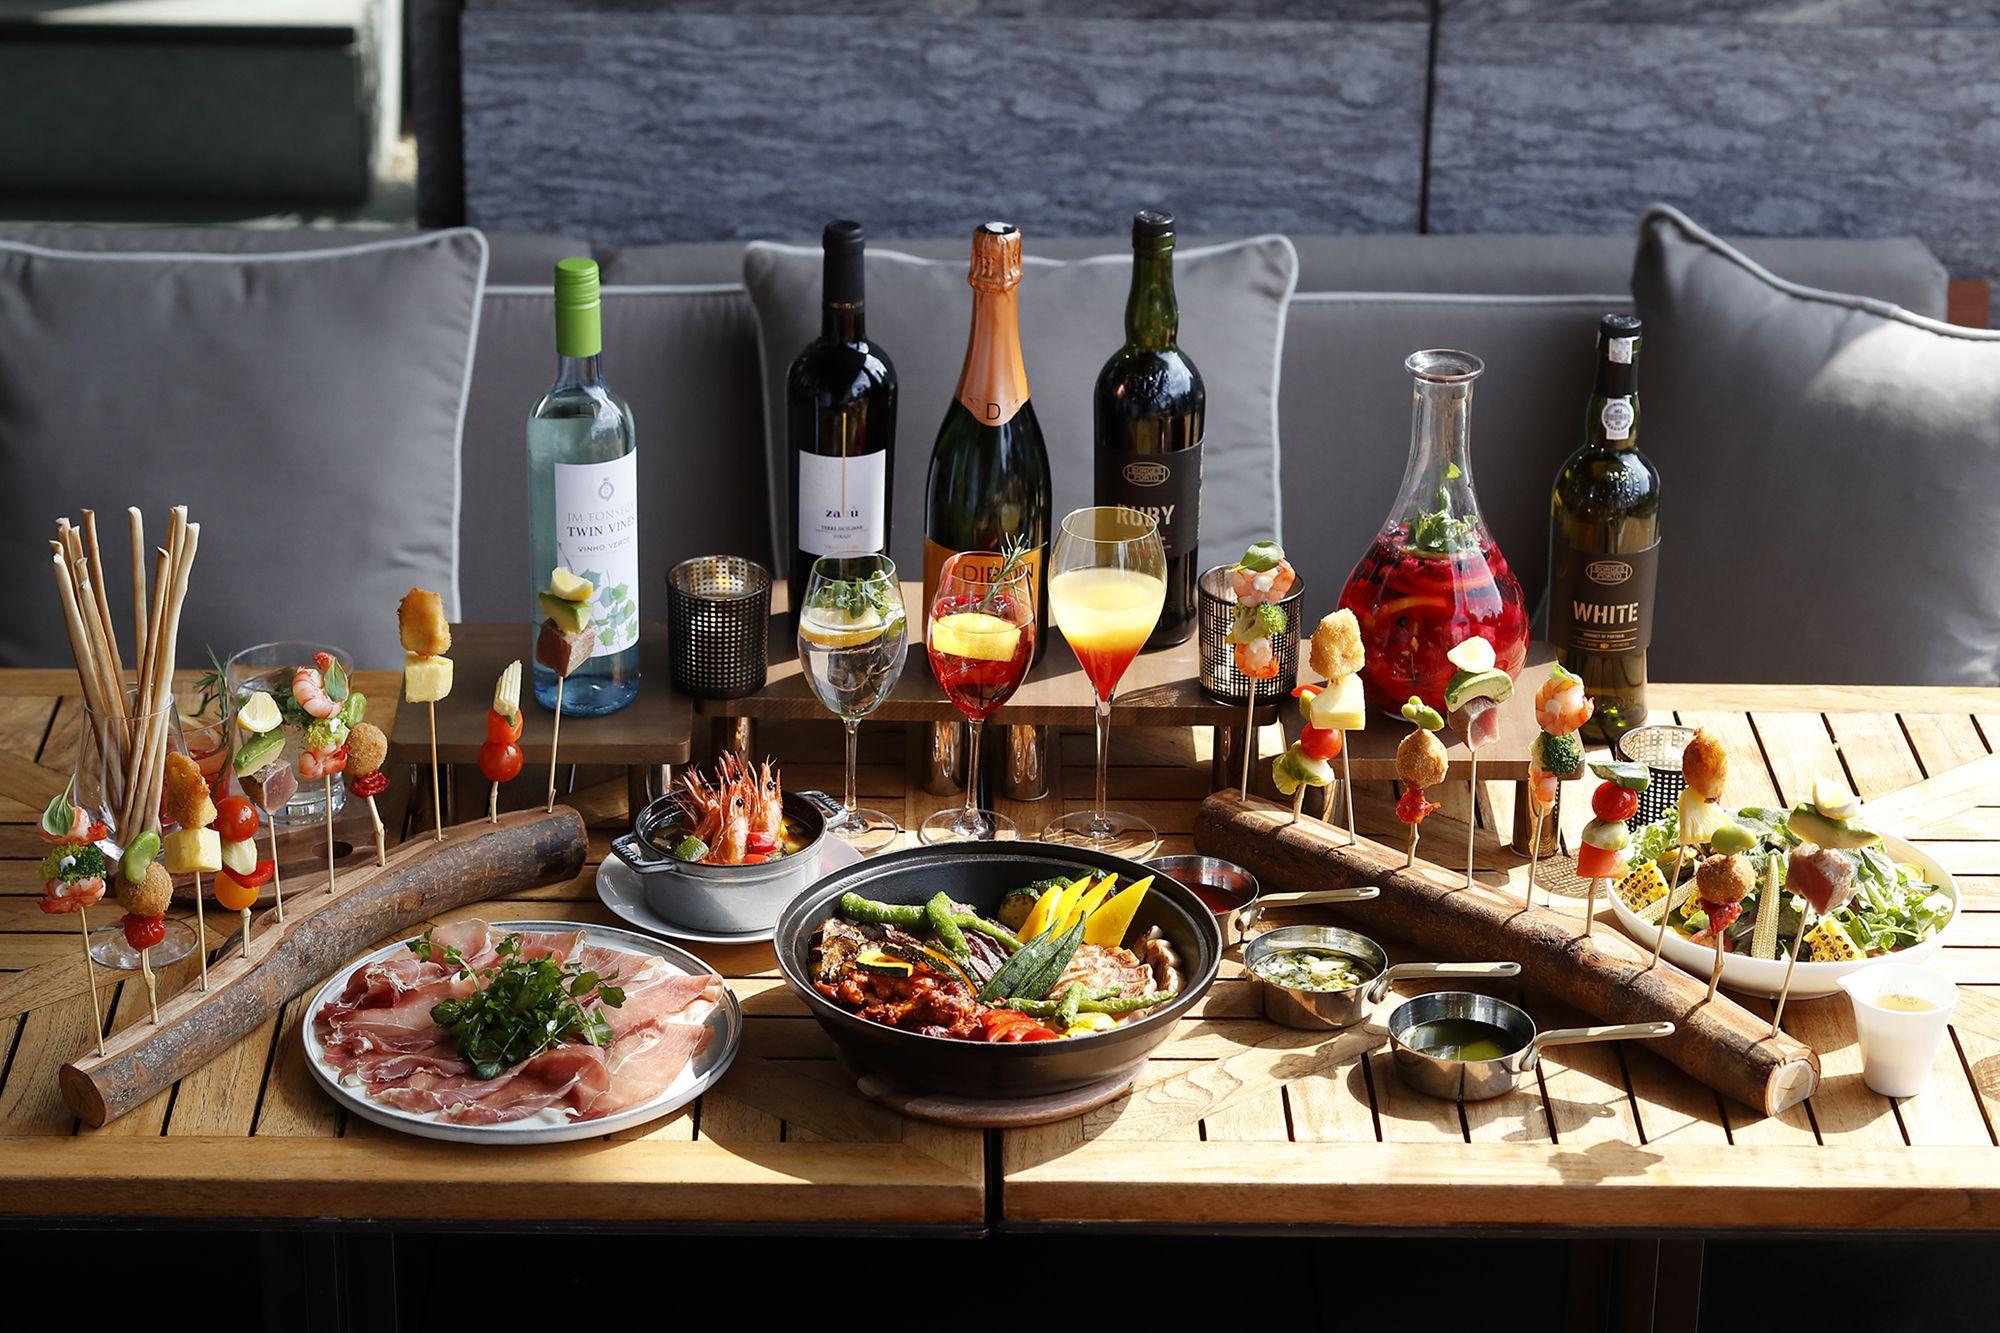 牛フィレ肉のプランチャ、三元豚ロース肉のグリル、ピンチョスなど、スペインやイタリア、ポルトガルの料理の数々。スパークリングワインやカクテルも用意。